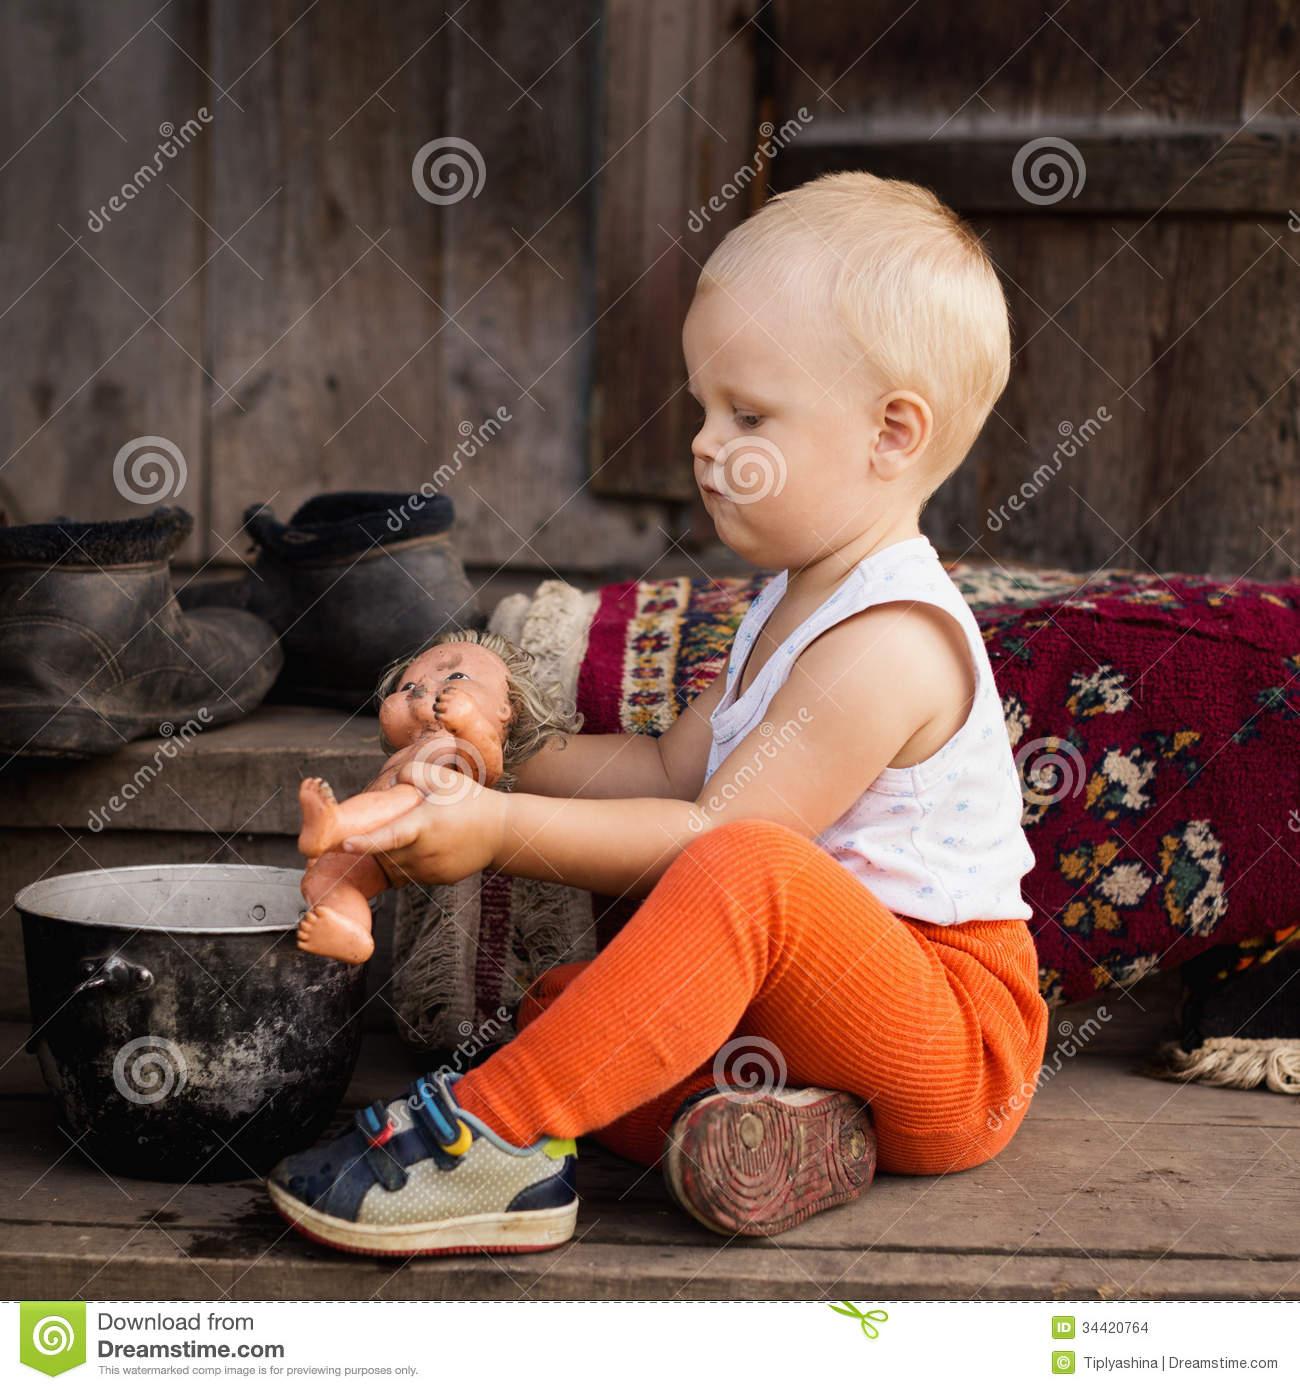 Les Jeux De Petit Garçon Avec Une Poupée Photo Stock - Image destiné Les Jeux De Petit Garcon